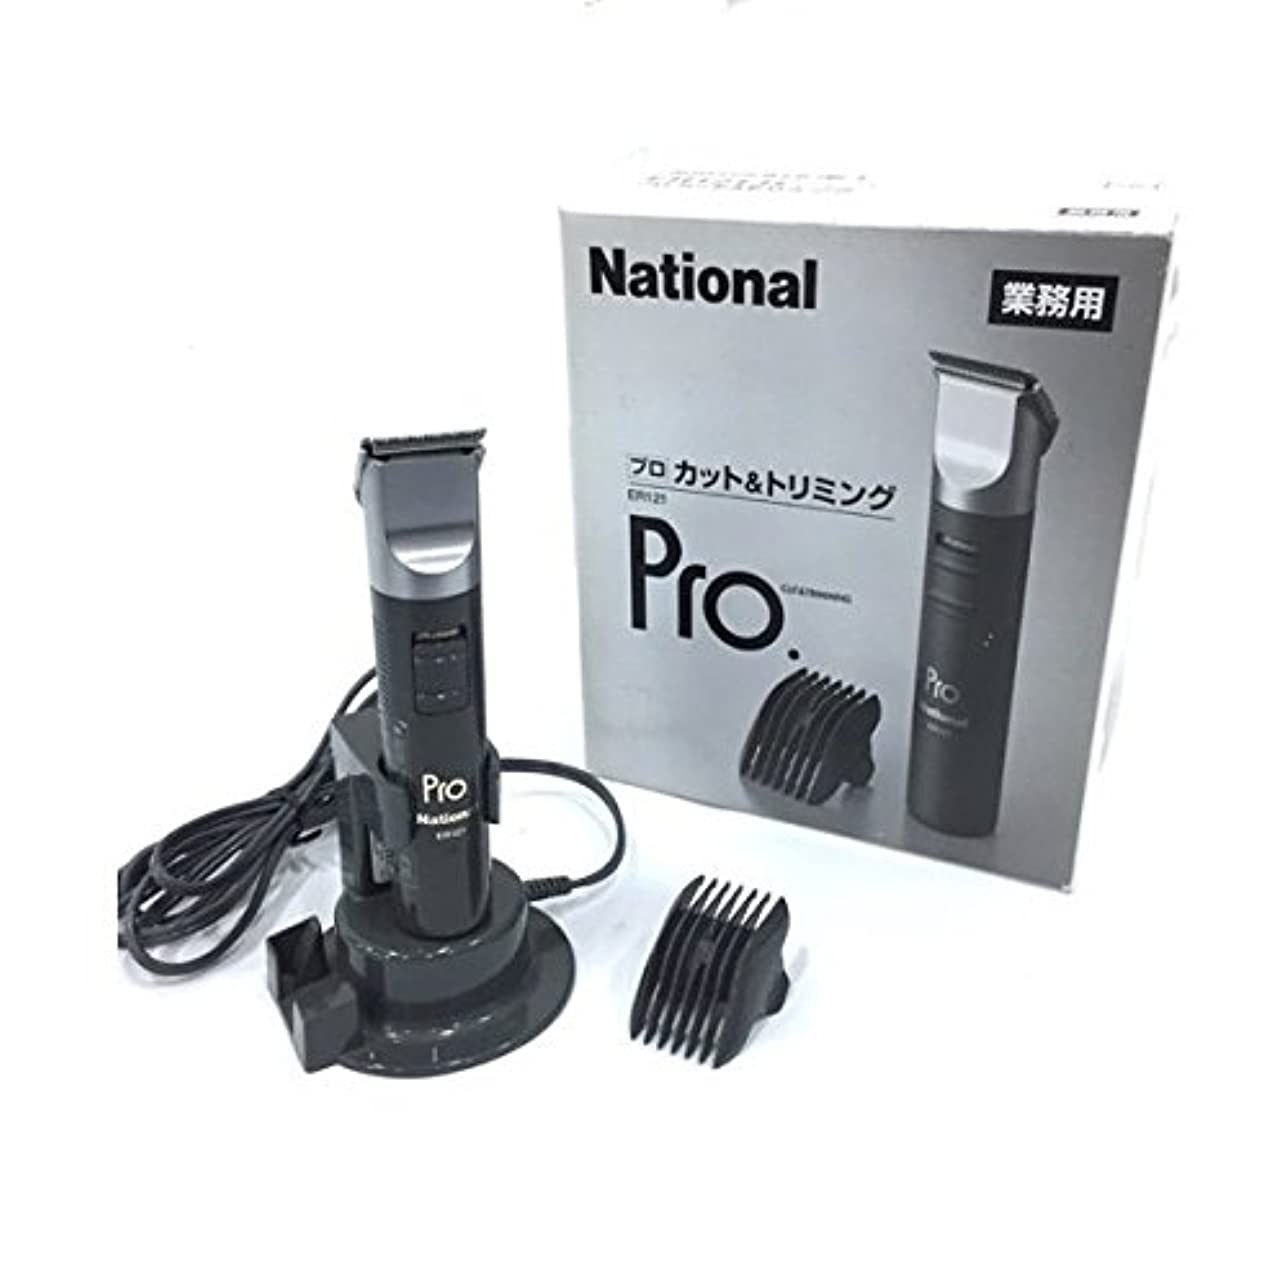 ネーピア出席すると組むNational ER-121 Black 日本製ヘアトリマー ER121 110~ 220V [並行輸入品]